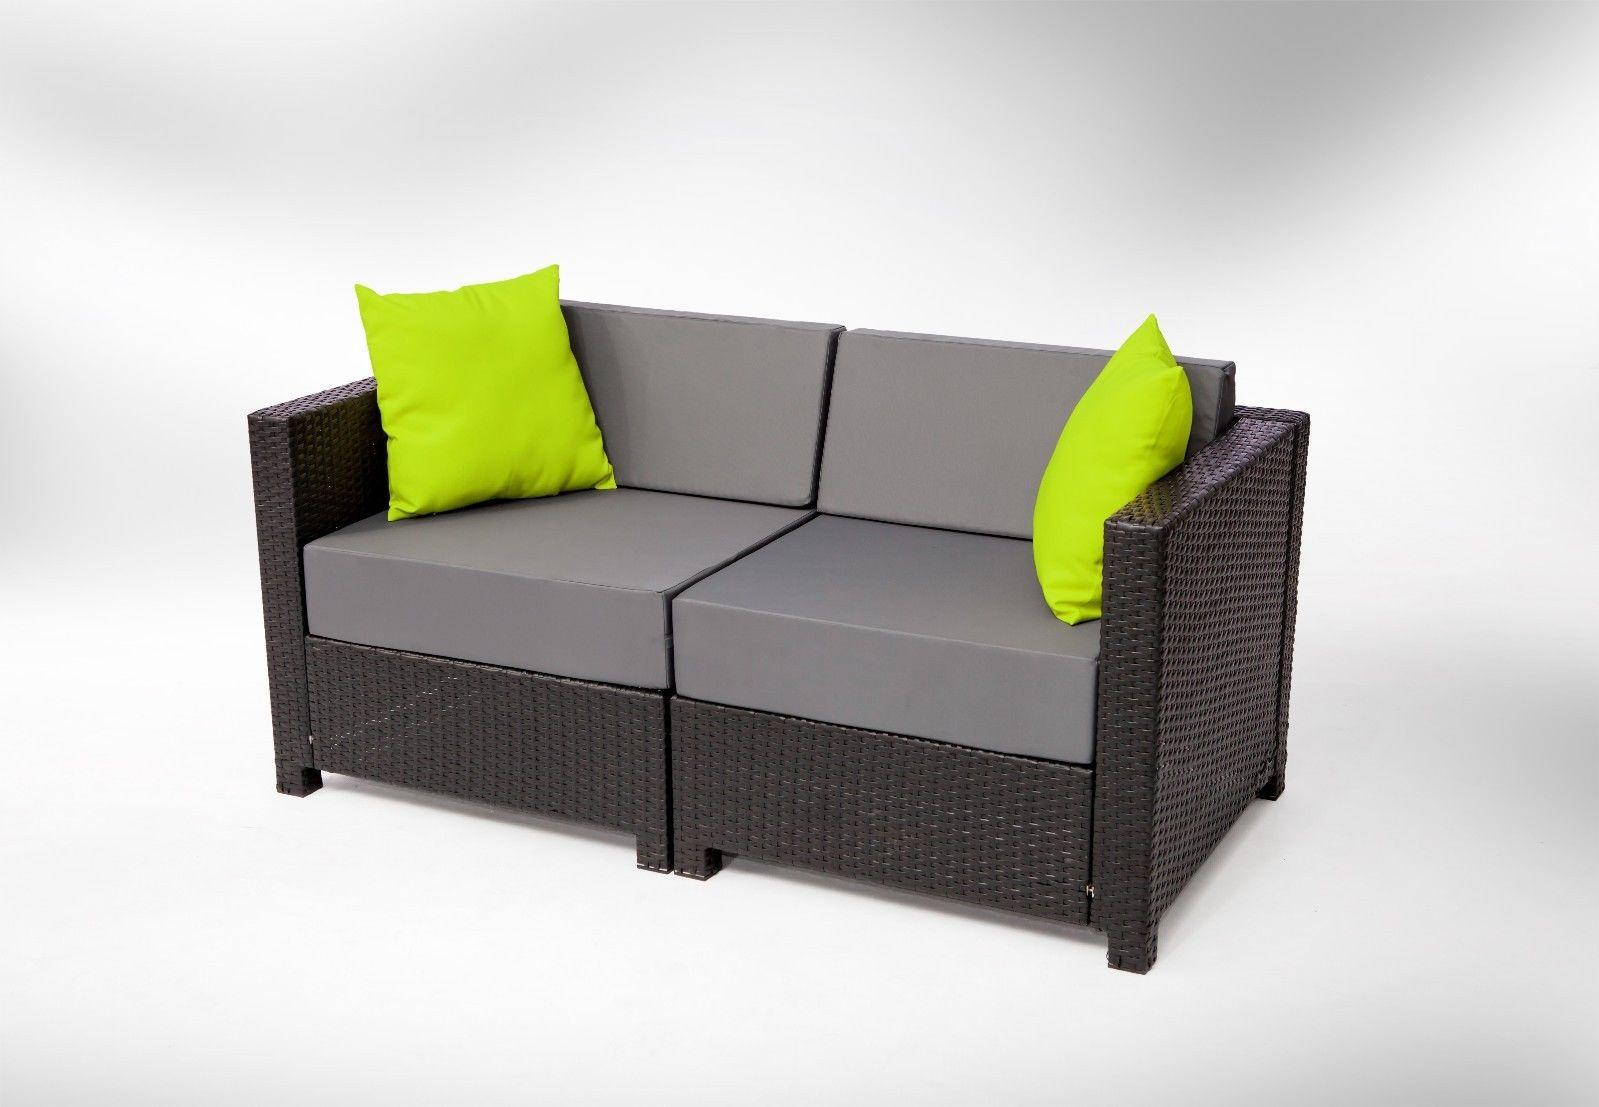 Mcombo 7pc black wicker patio sectional indoor outdoor for Indoor outdoor furniture